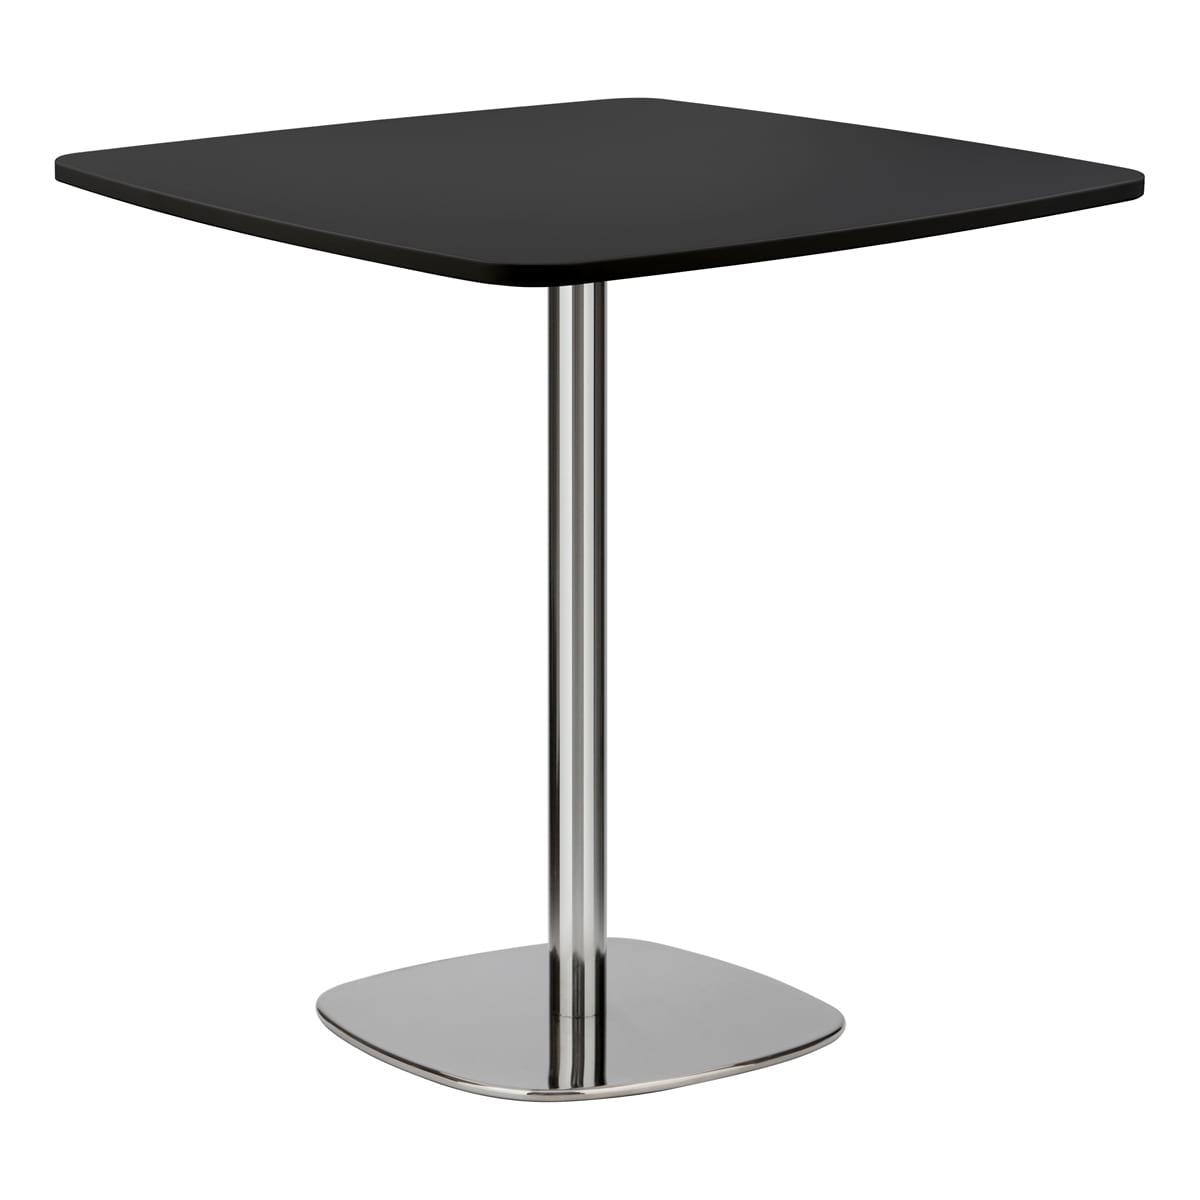 Sitztisch Quinn, schwarz